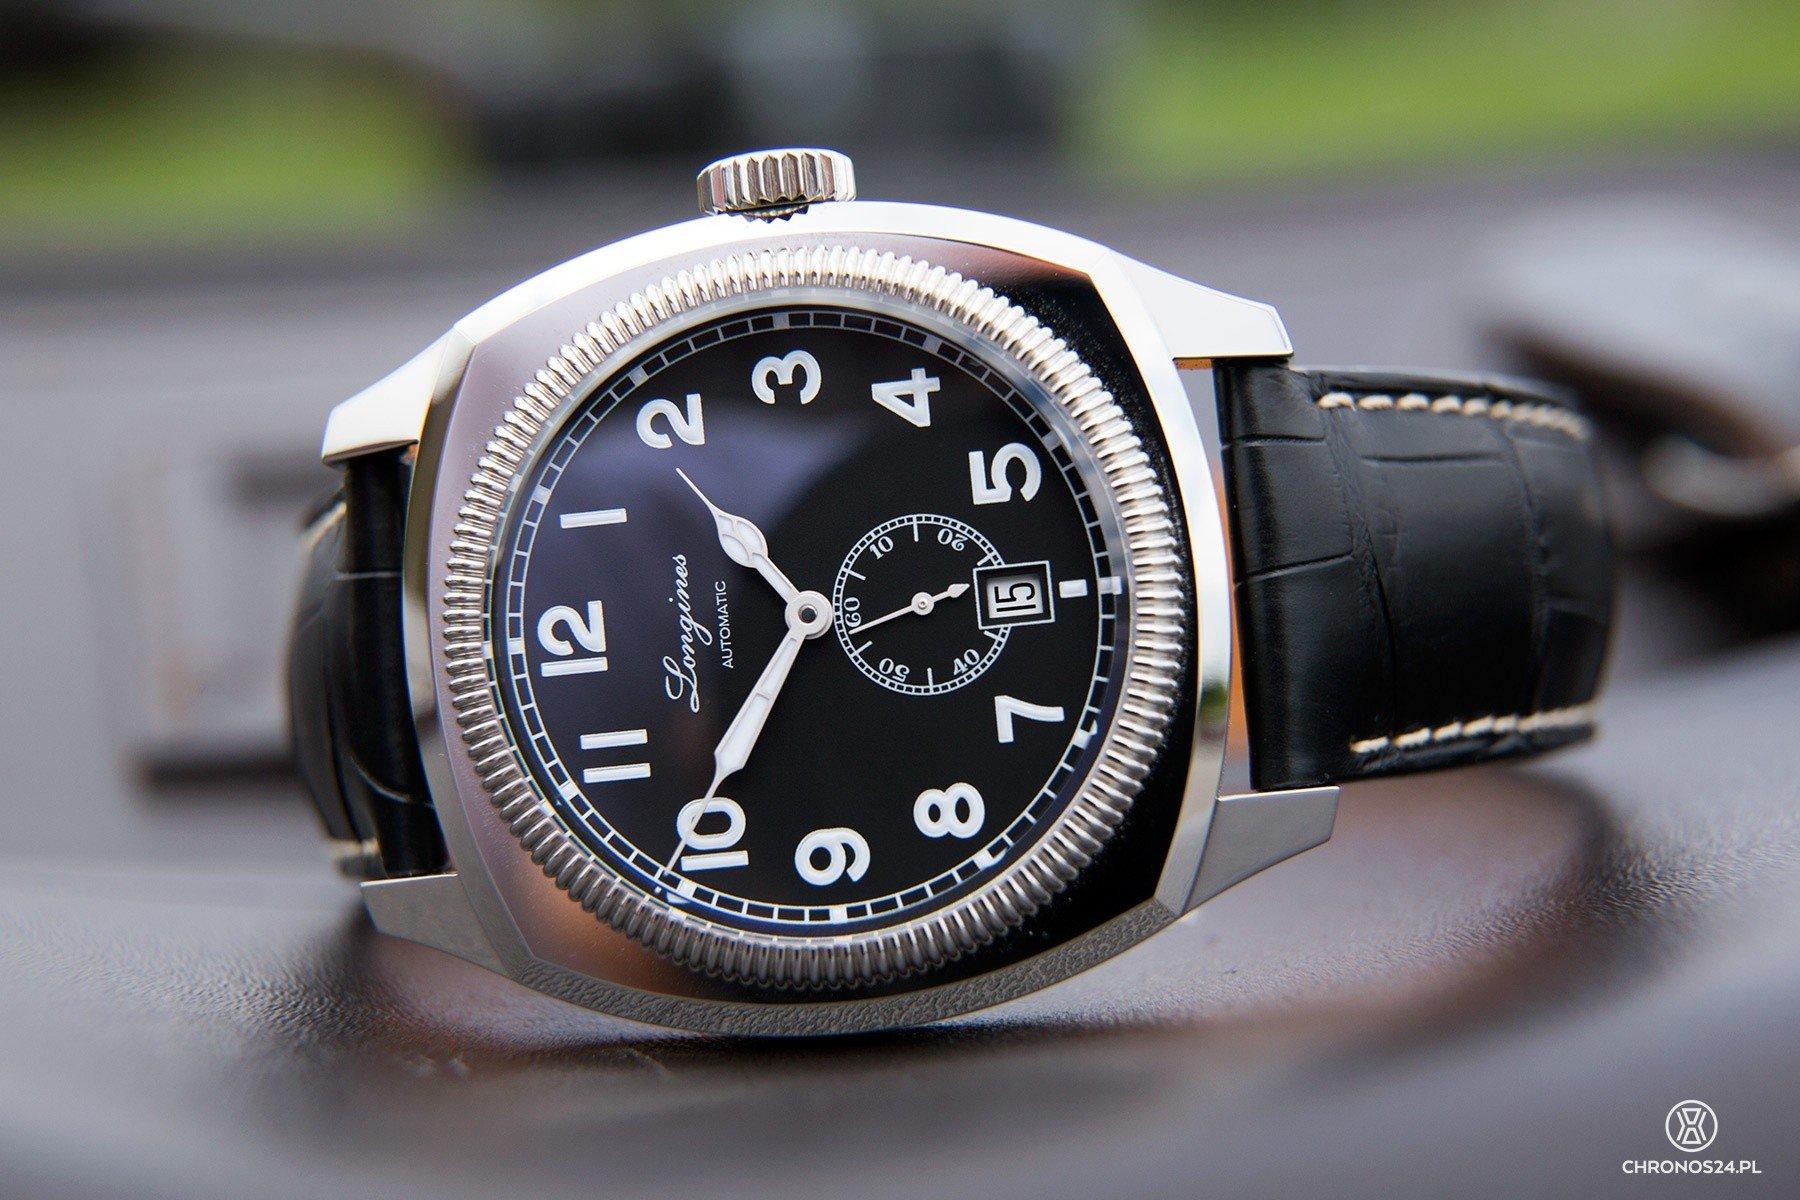 Часы Speedmaster Co Axial Chronometer 3333 купить в